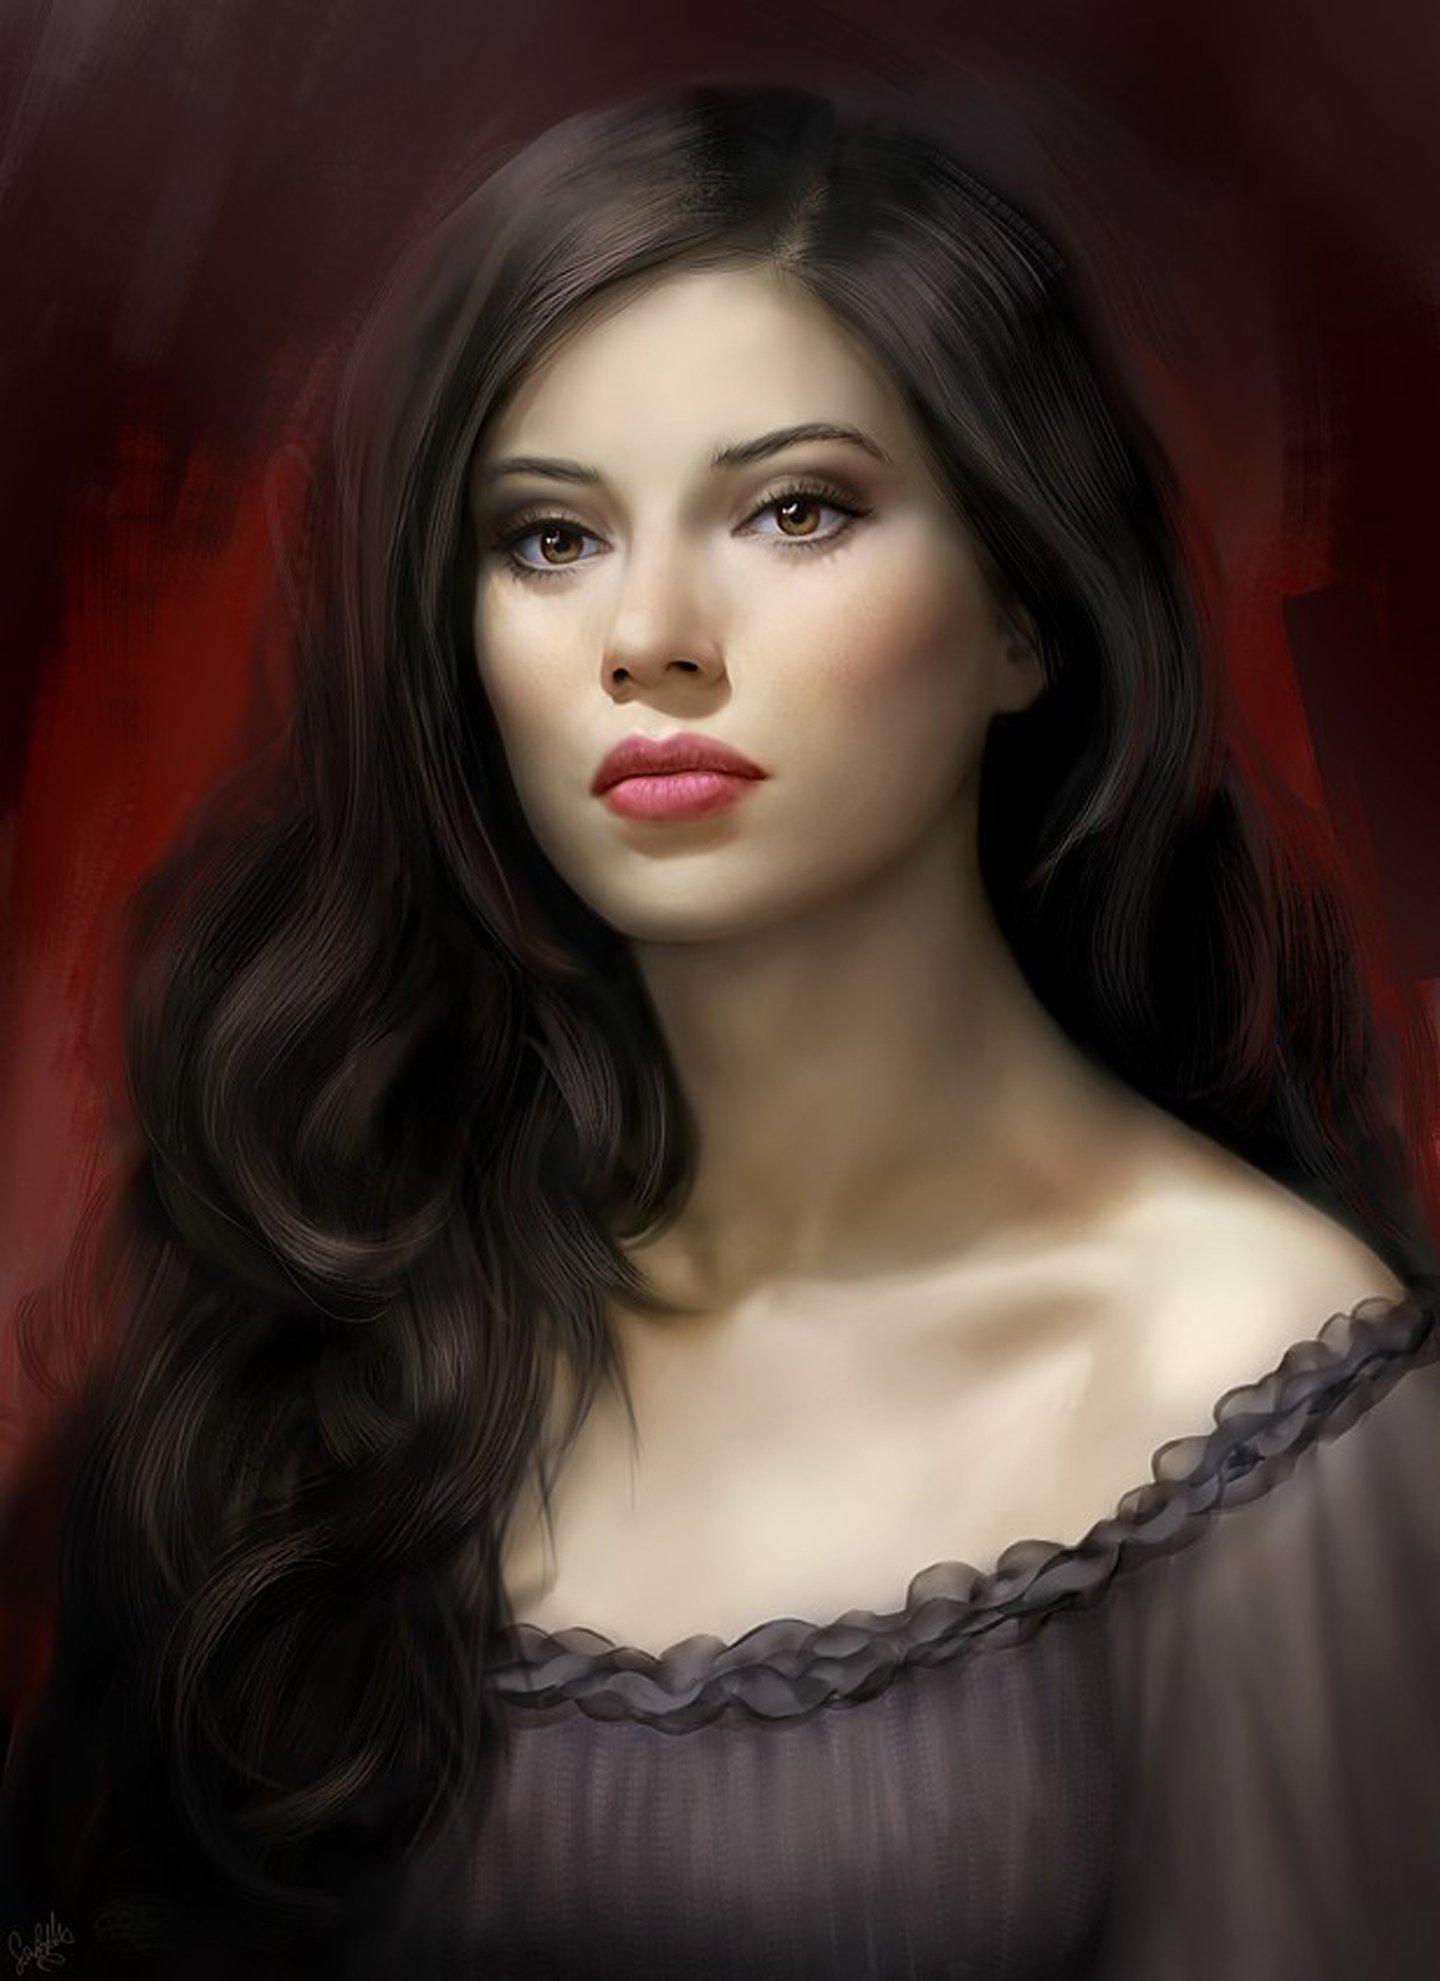 Фото красивые девушки с длинными черными волосами 6 фотография